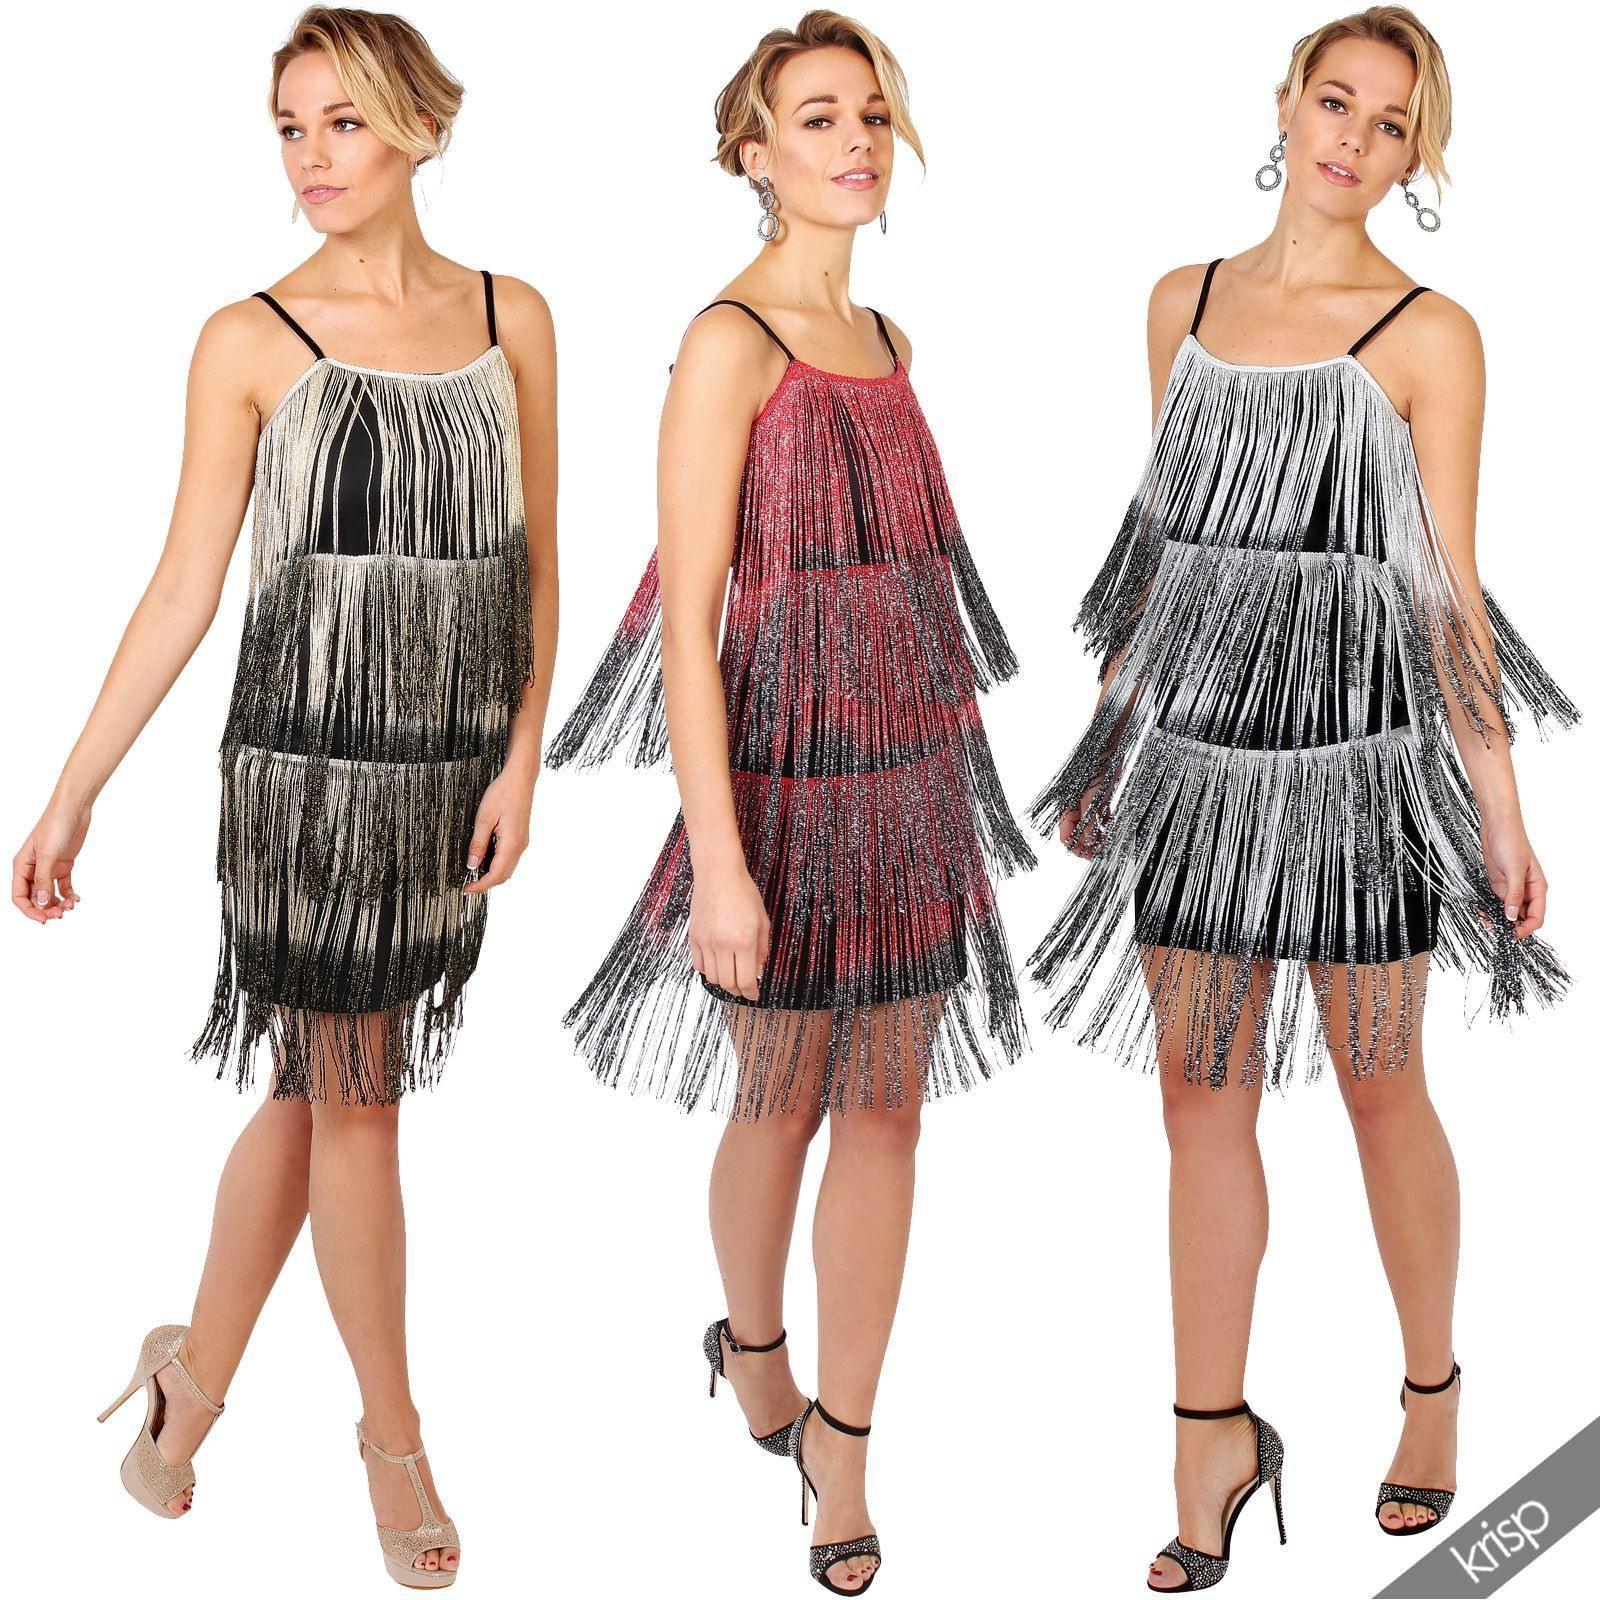 10 Elegant Swing D-Abendkleid StylishFormal Schön Swing D-Abendkleid Spezialgebiet